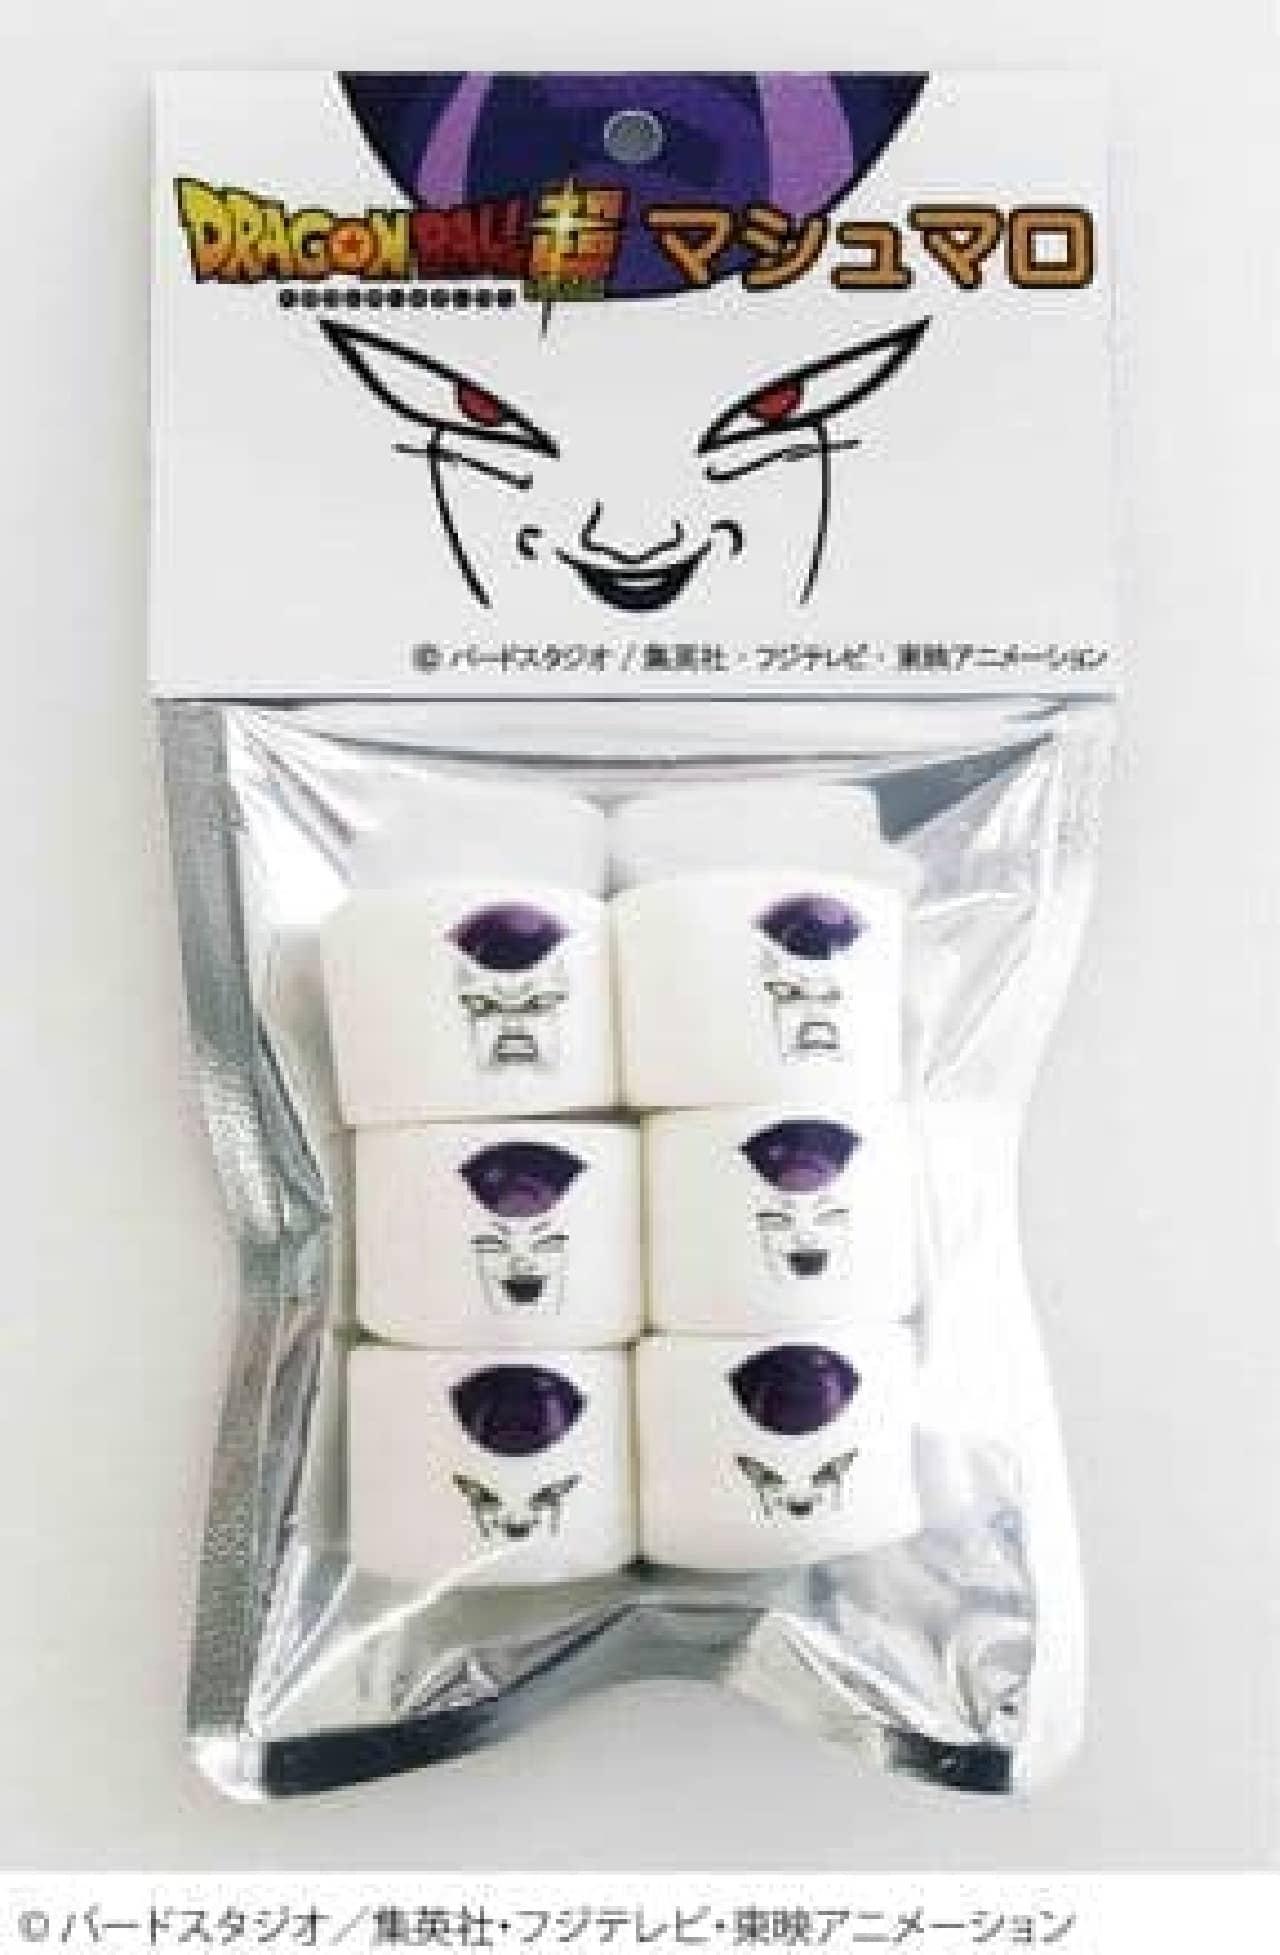 大人気漫画「ドラゴンボール」に登場するキャラクター「フリーザ」の顔をプリントしたマシュマロ